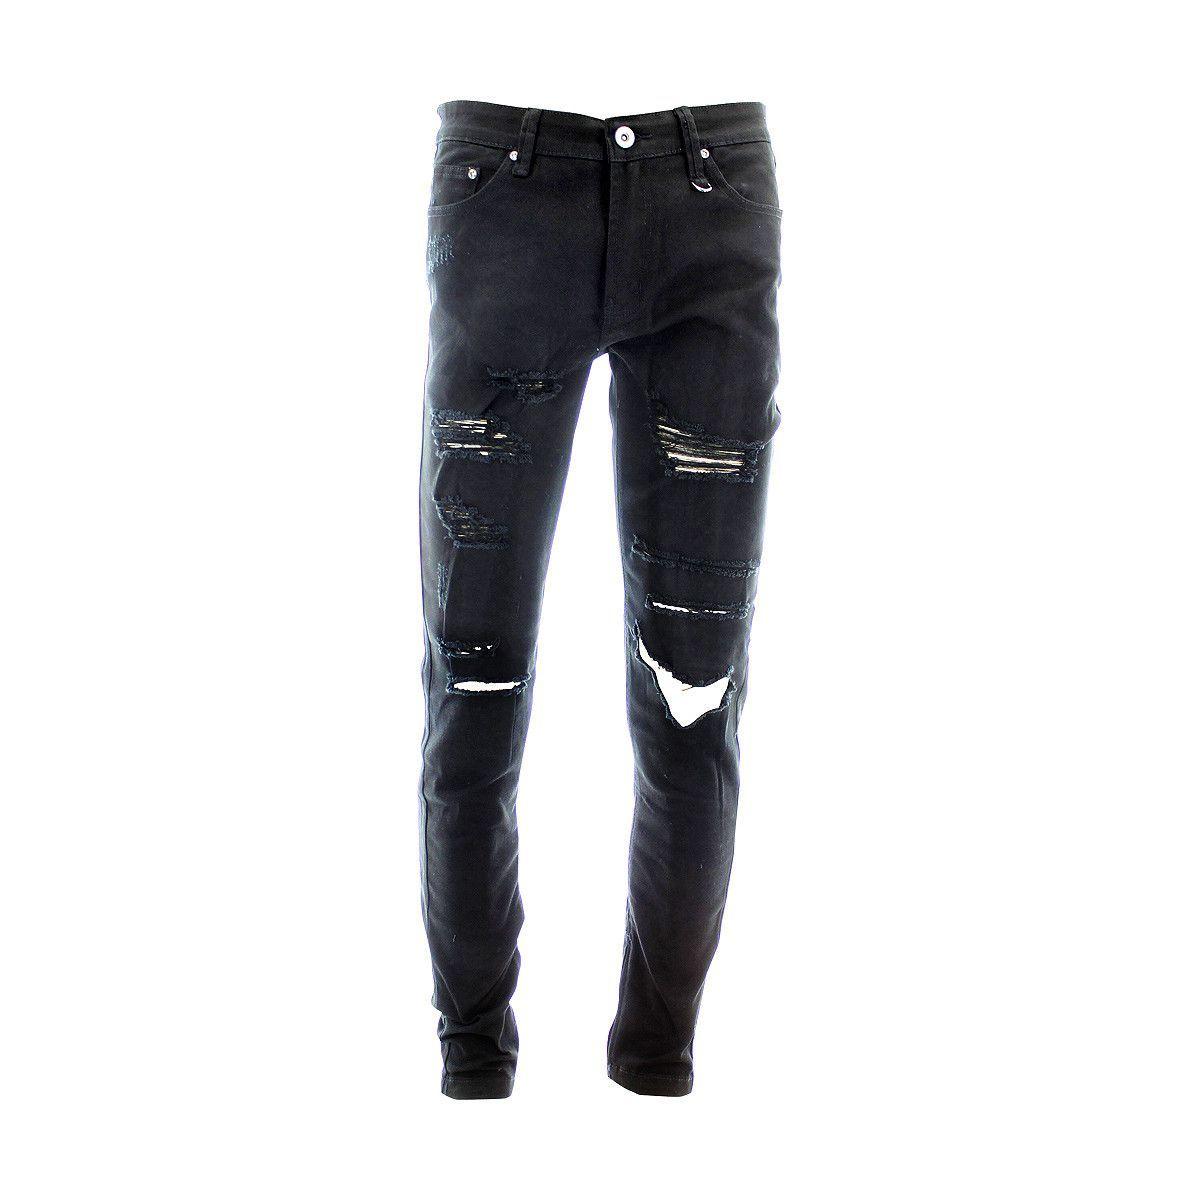 Kayden K Men S Rips Zip Bottom Skinny Jeans Black Ripped Jeans Men Black Jeans Boys Skinny Jeans Men [ 1200 x 1200 Pixel ]